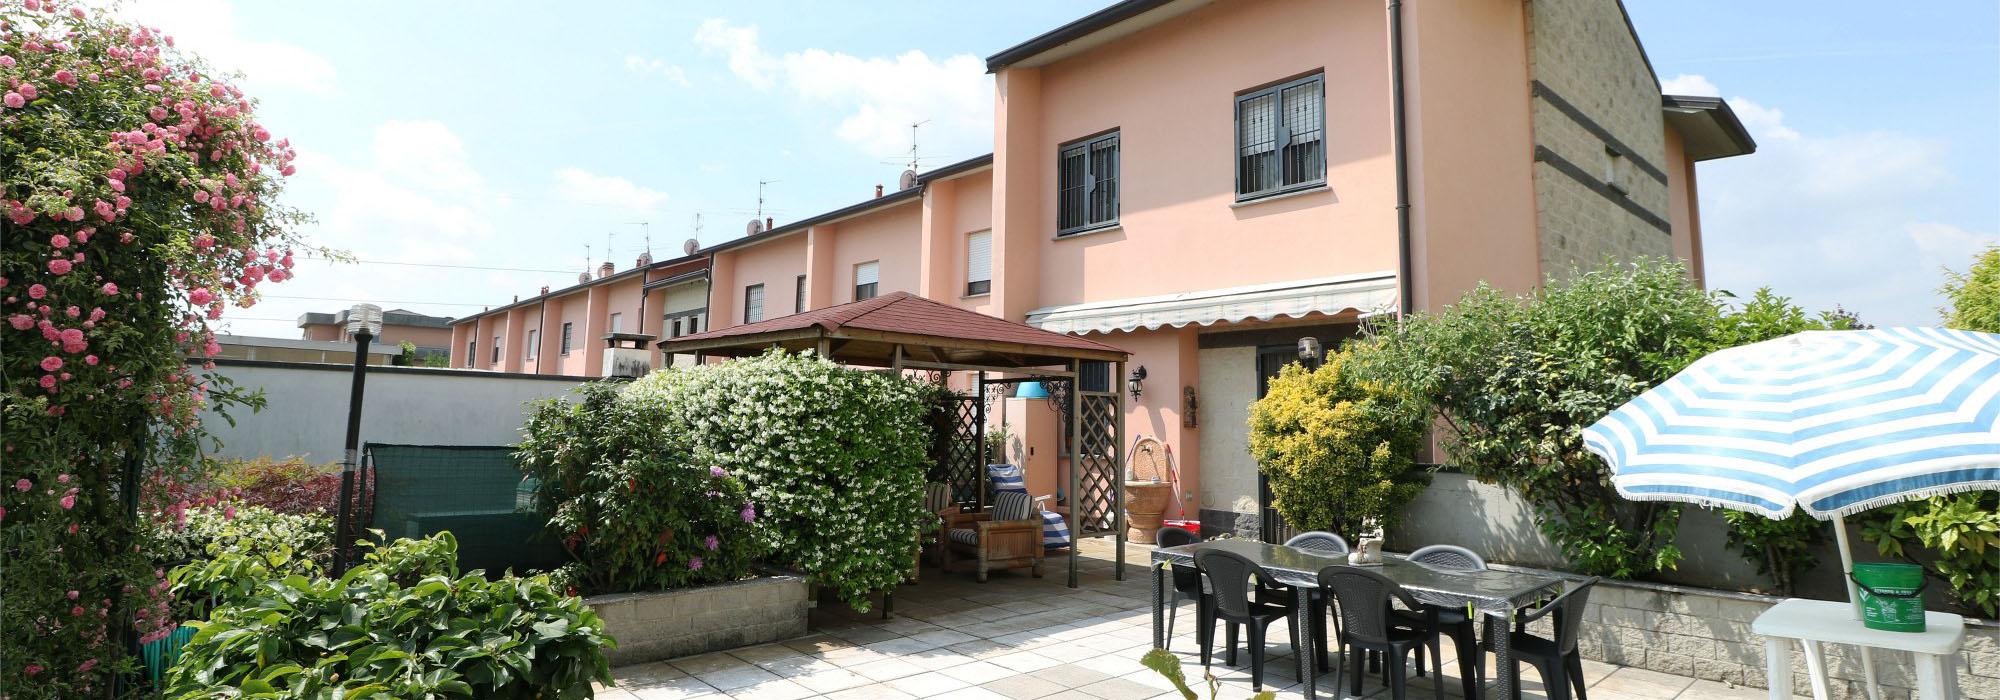 Villa a Schiera – Madone